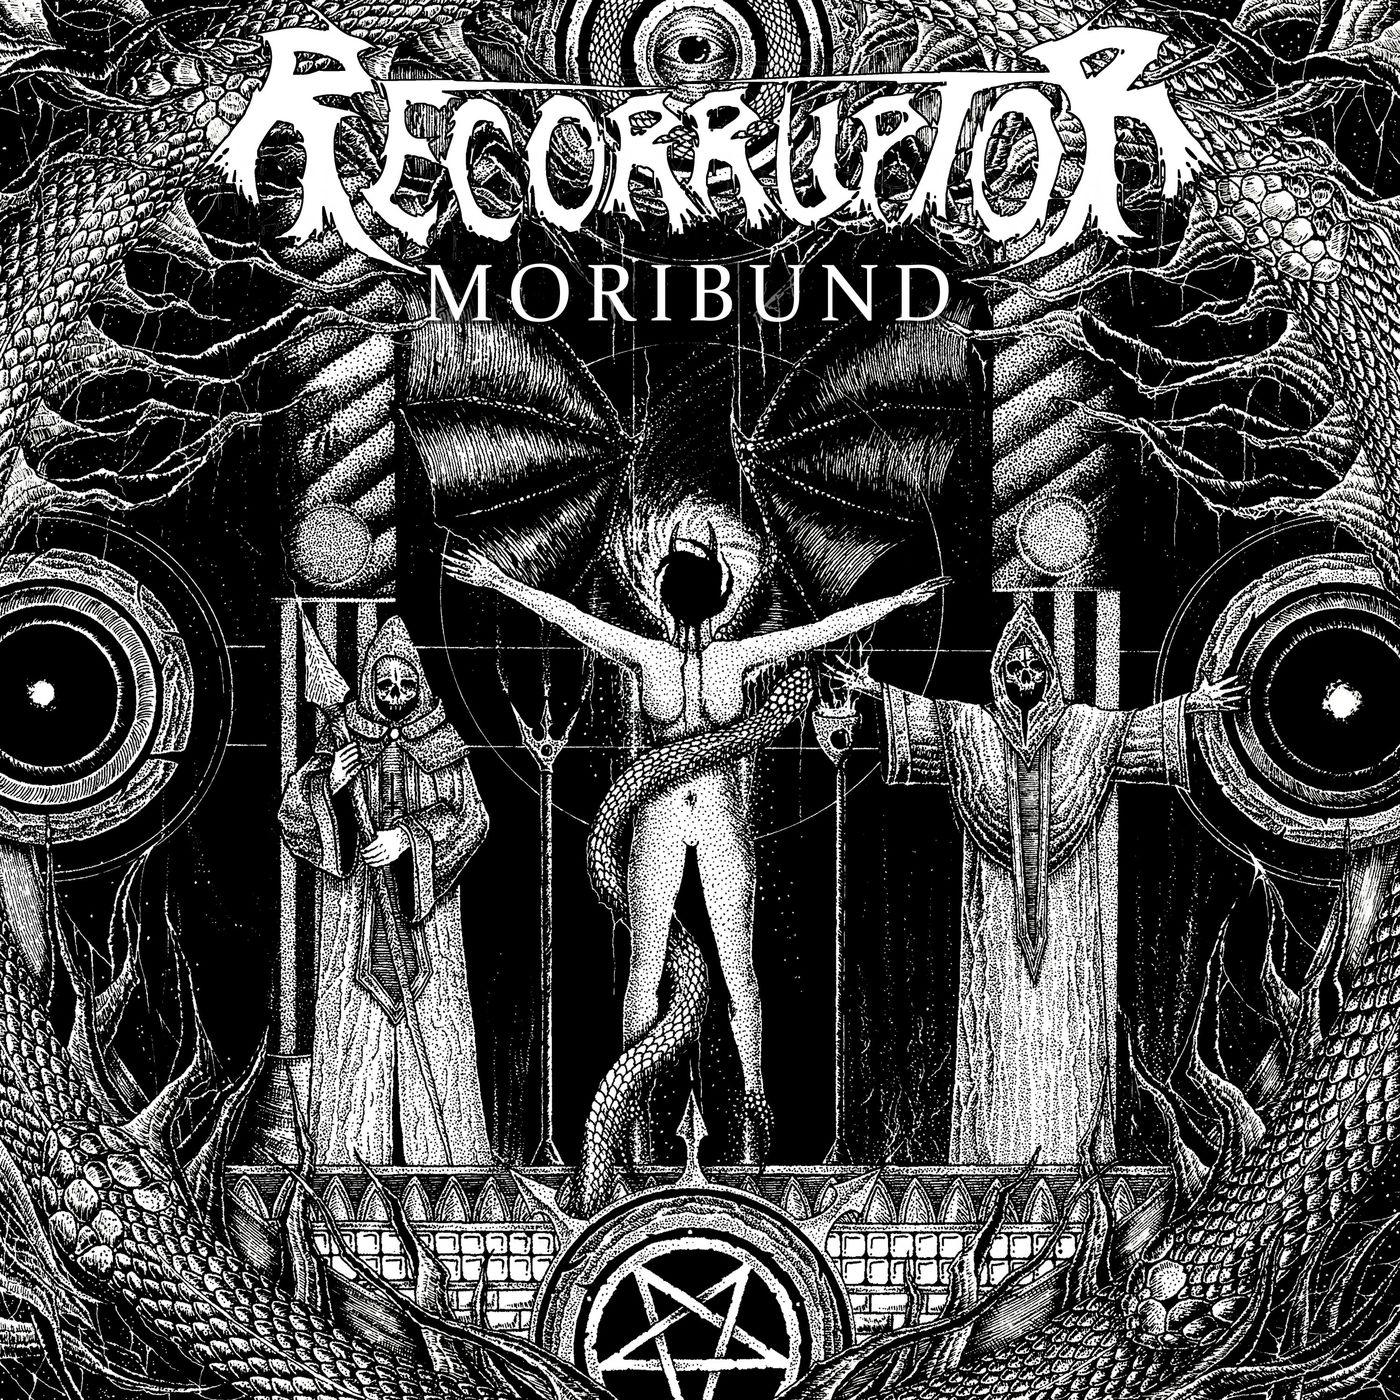 Recorruptor - Moribund [single] (2020)